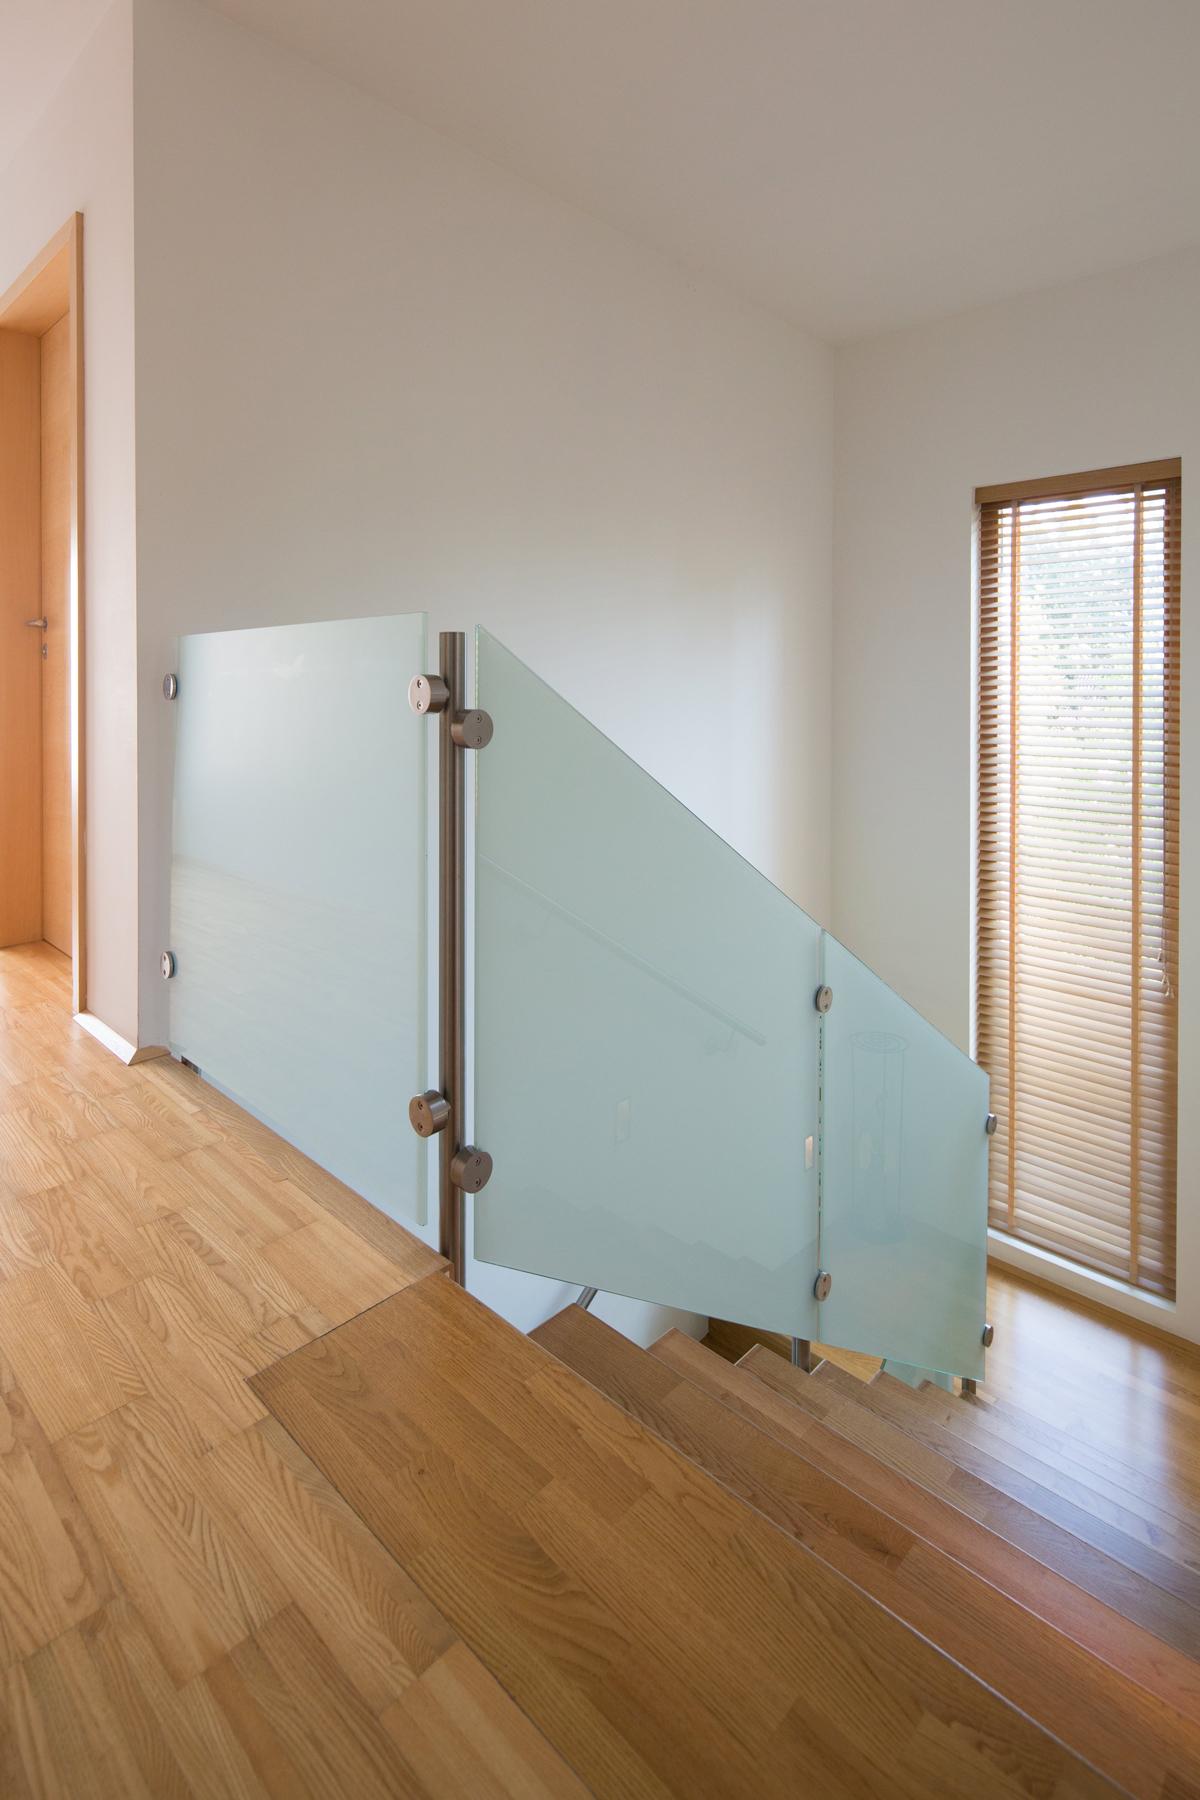 stiegen gel nder handl ufe strehwitzer metallbau nieder sterreich. Black Bedroom Furniture Sets. Home Design Ideas